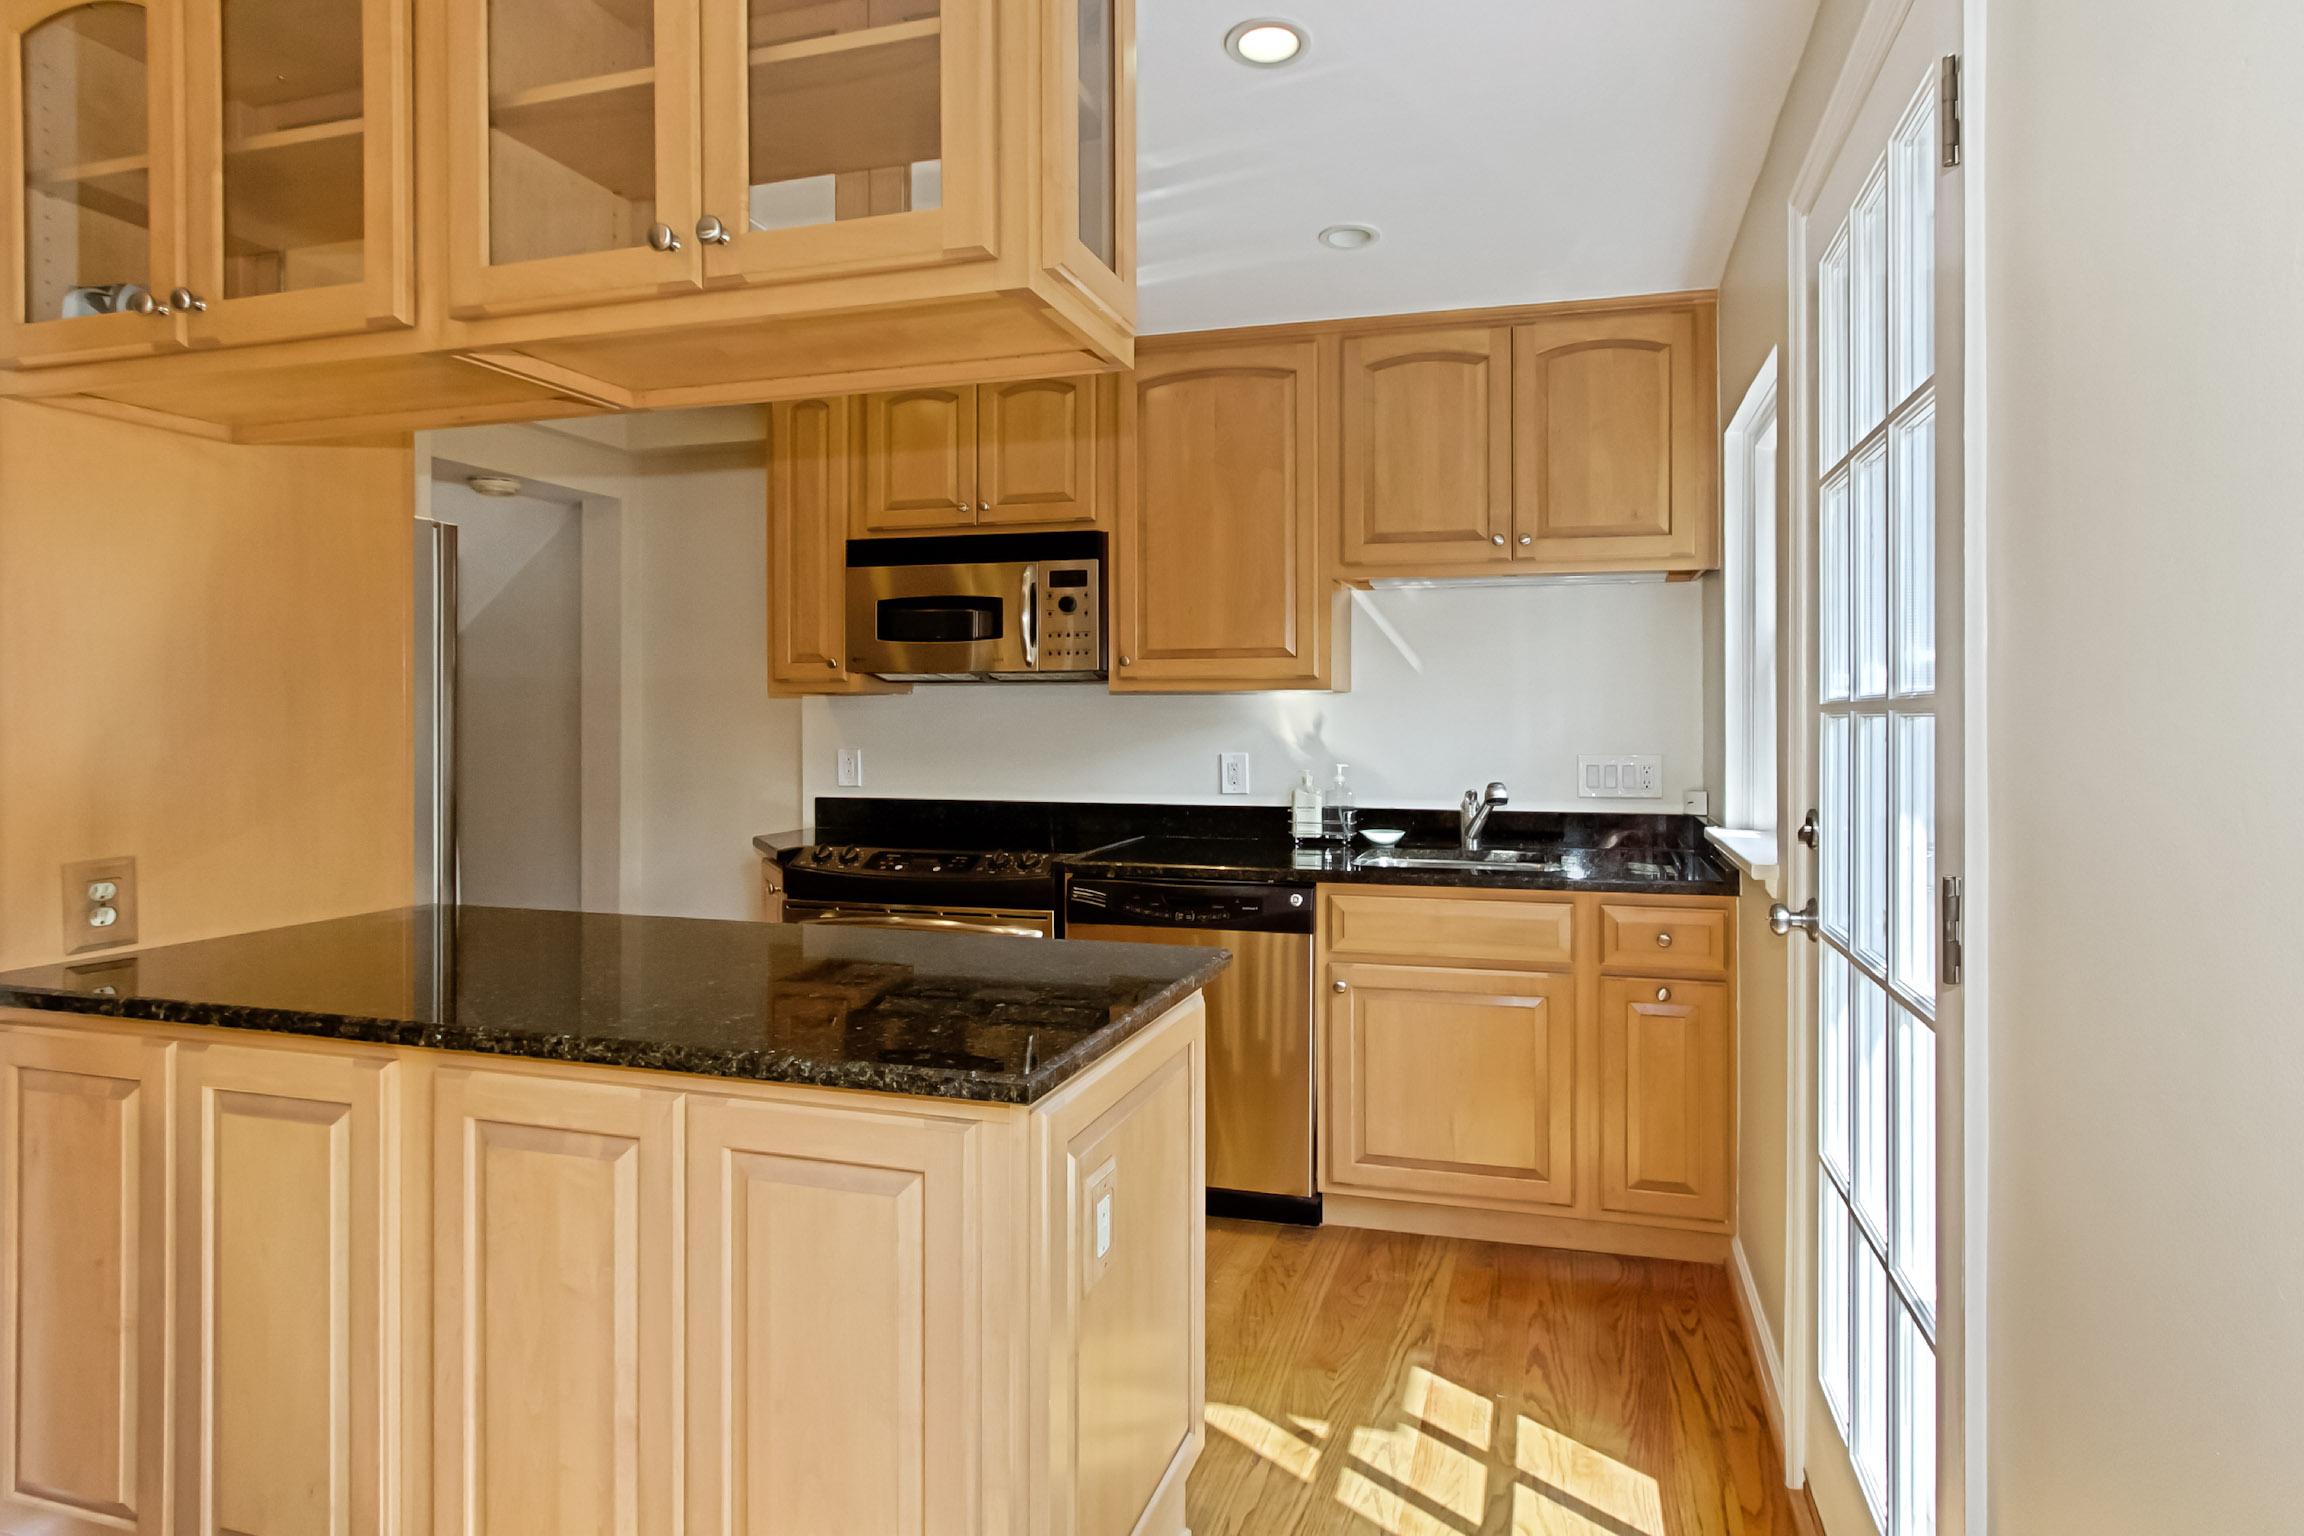 36th St kitchen.jpg